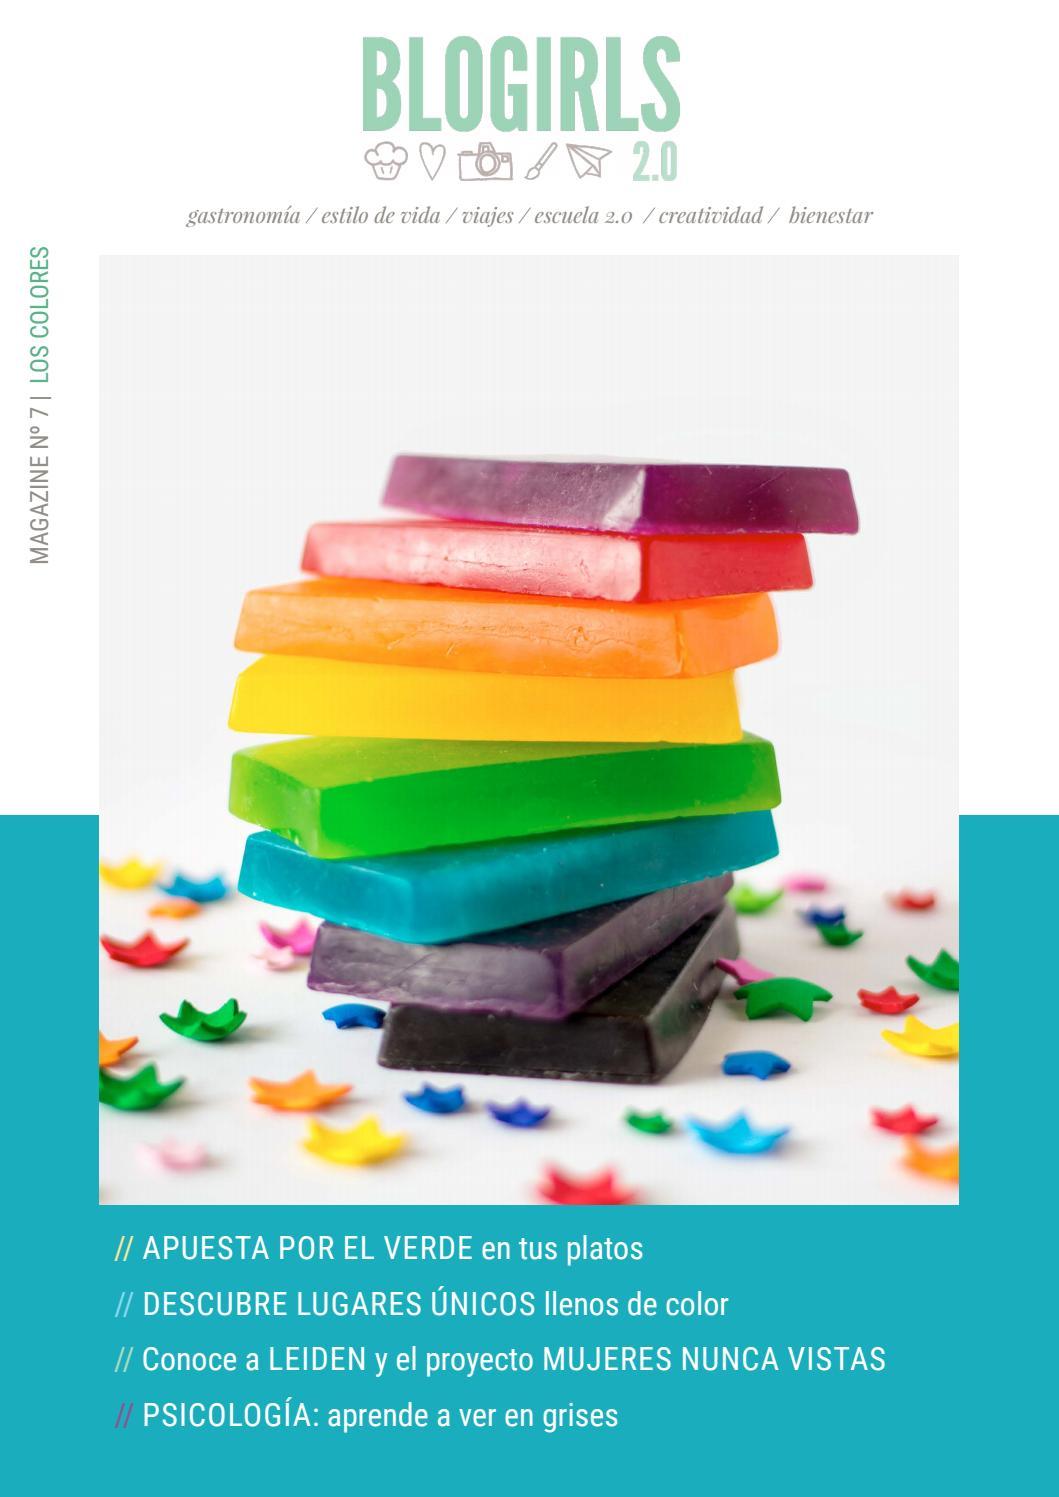 Blogirls 2.0 Magazine - Los Colores by Blogirls 2.0 | Revista Online ...